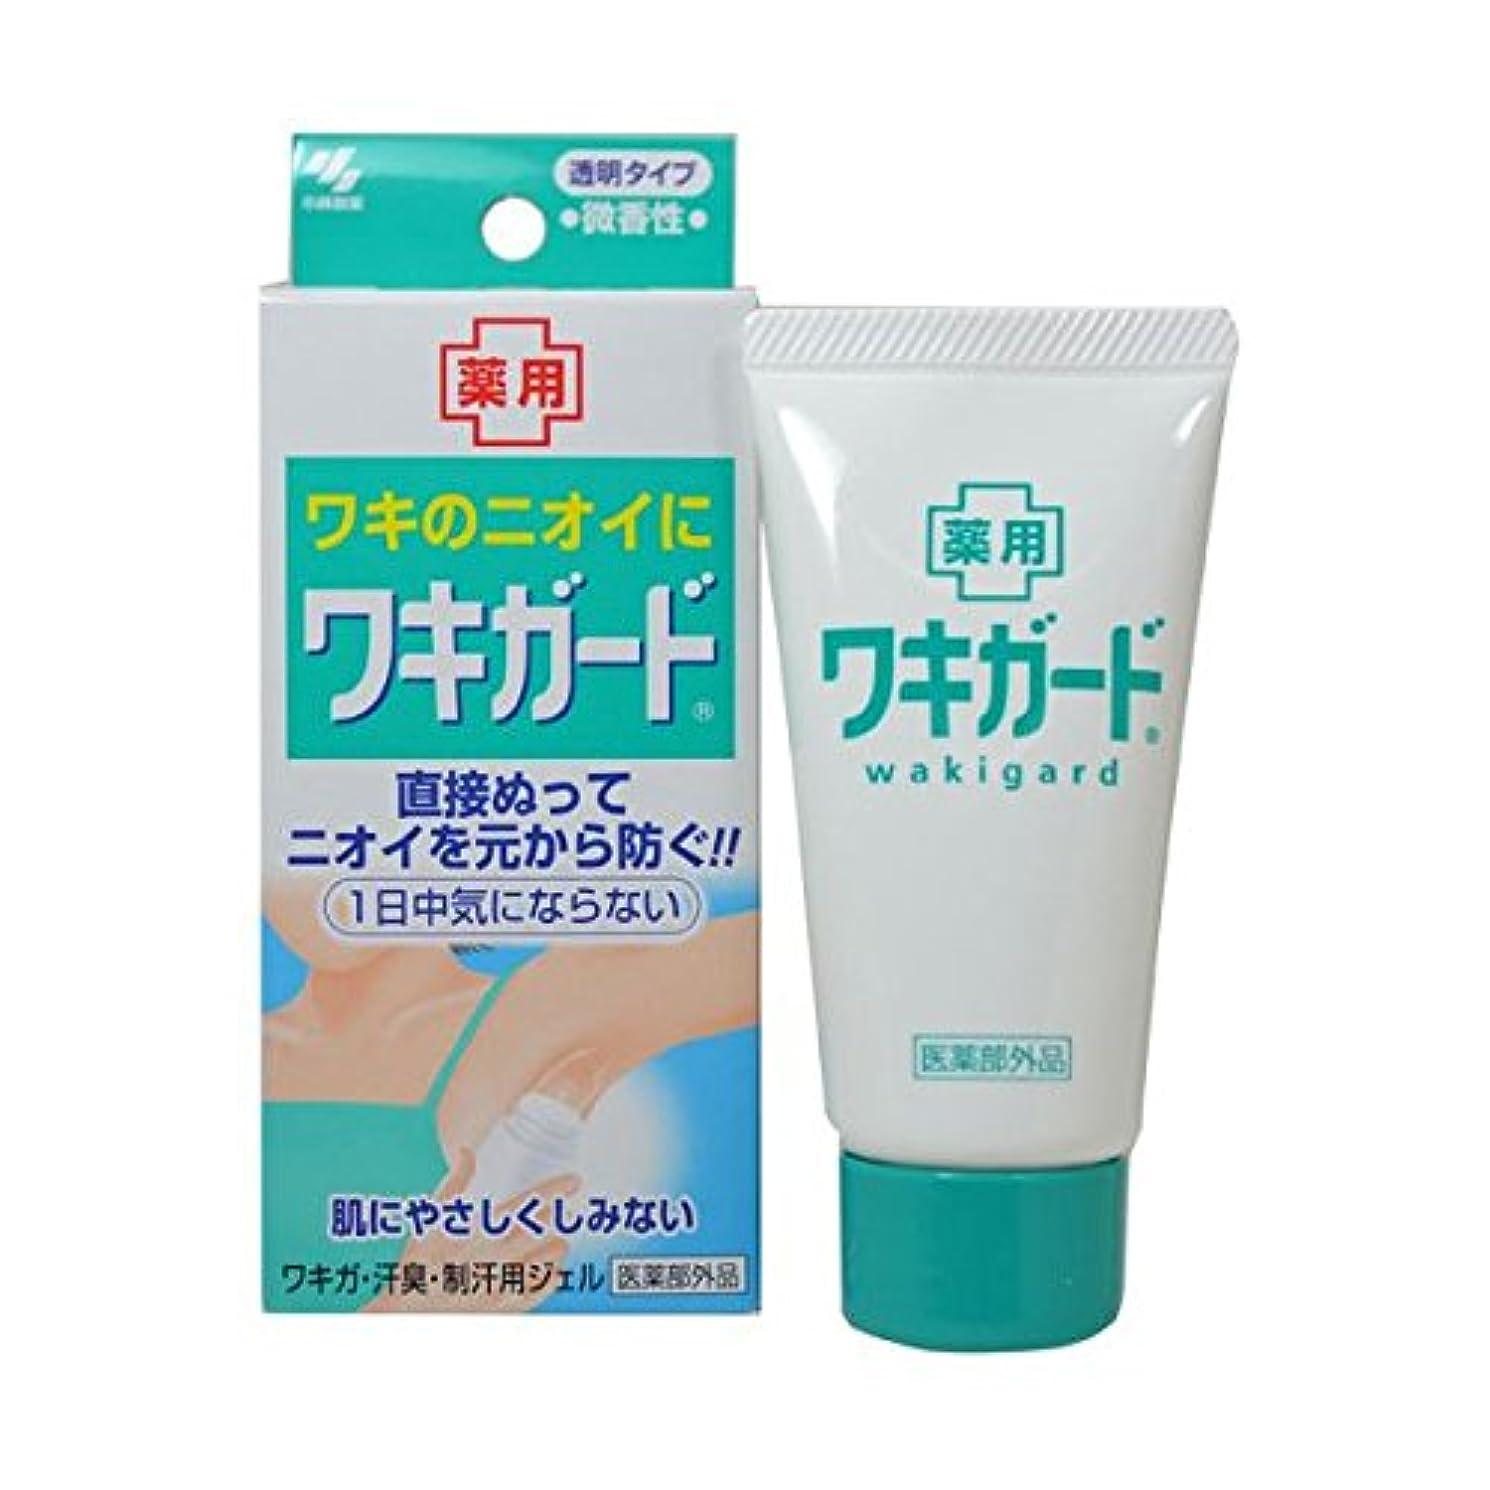 酸っぱい混沌麻酔薬【お徳用 3 セット】 小林製薬 ワキガード 50g×3セット